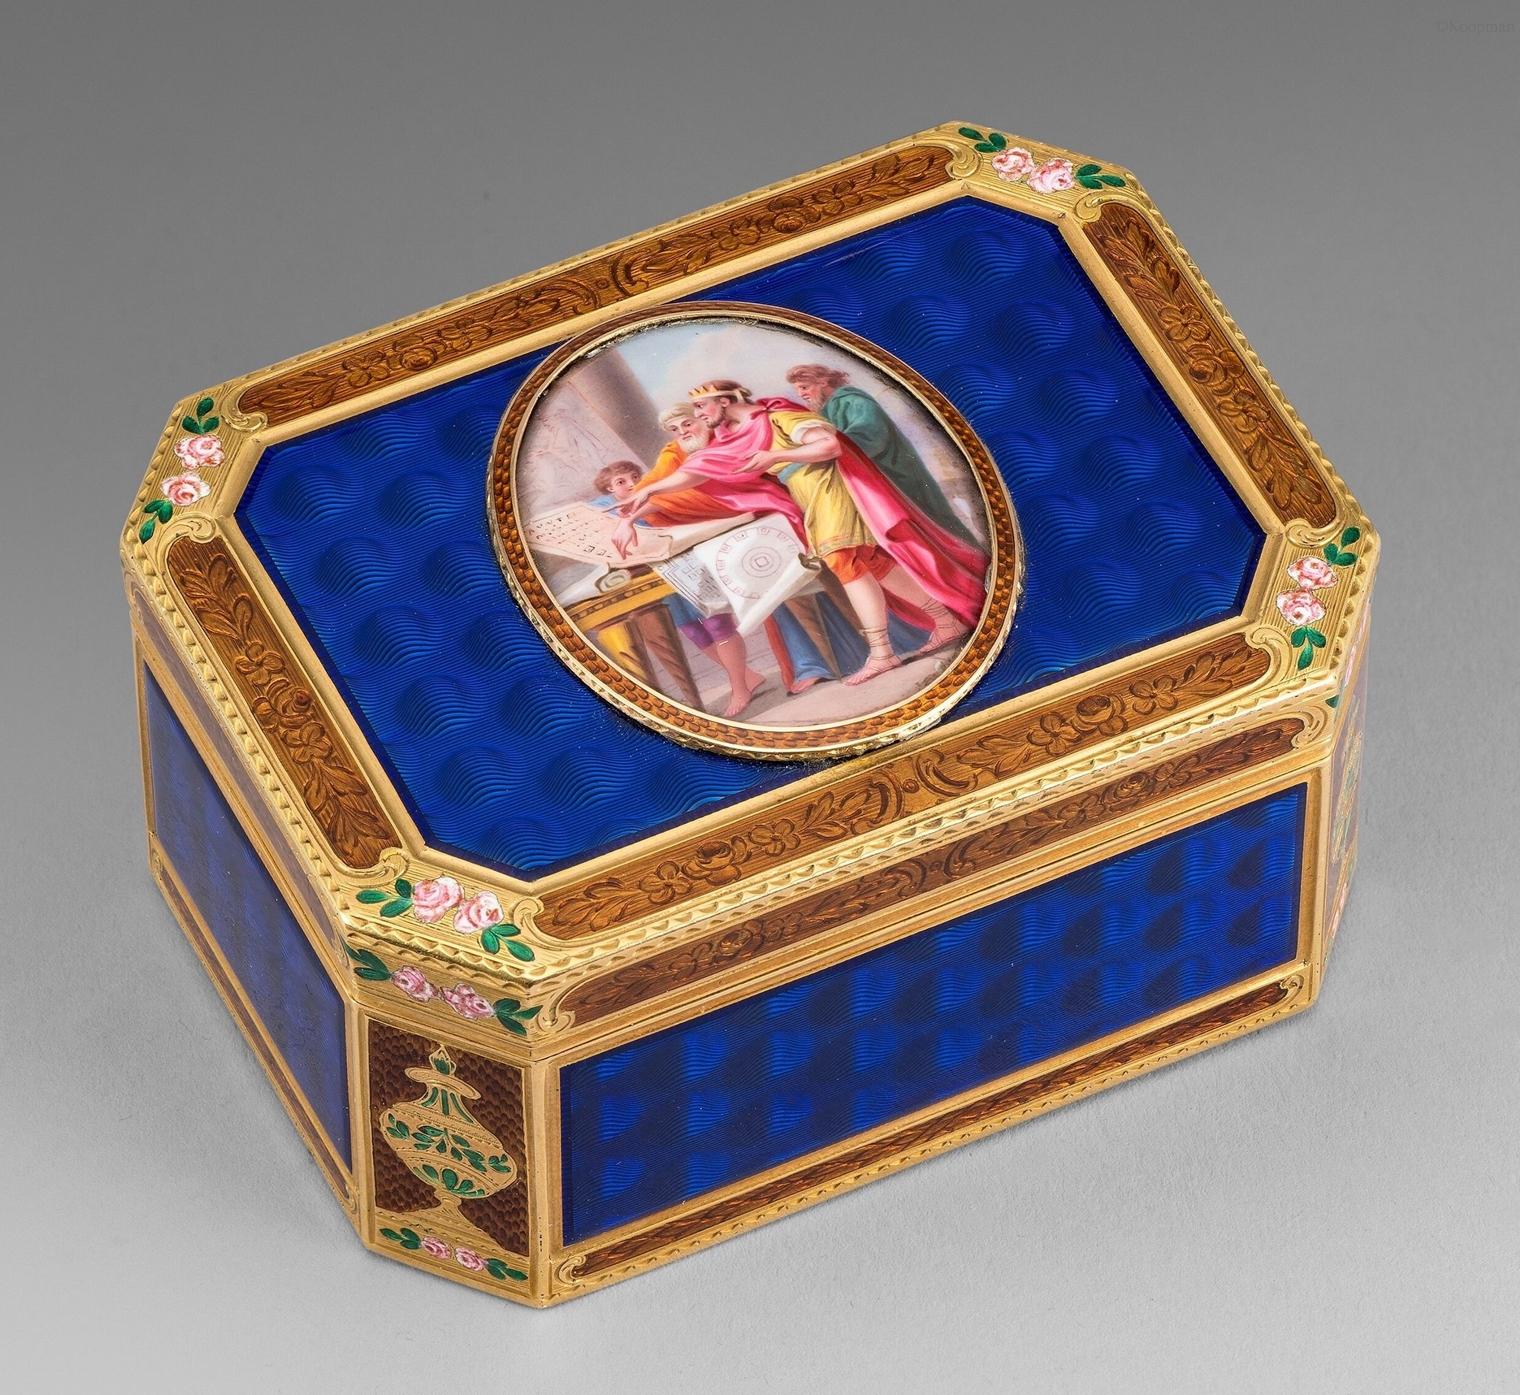 A German Gold & Enamel Box